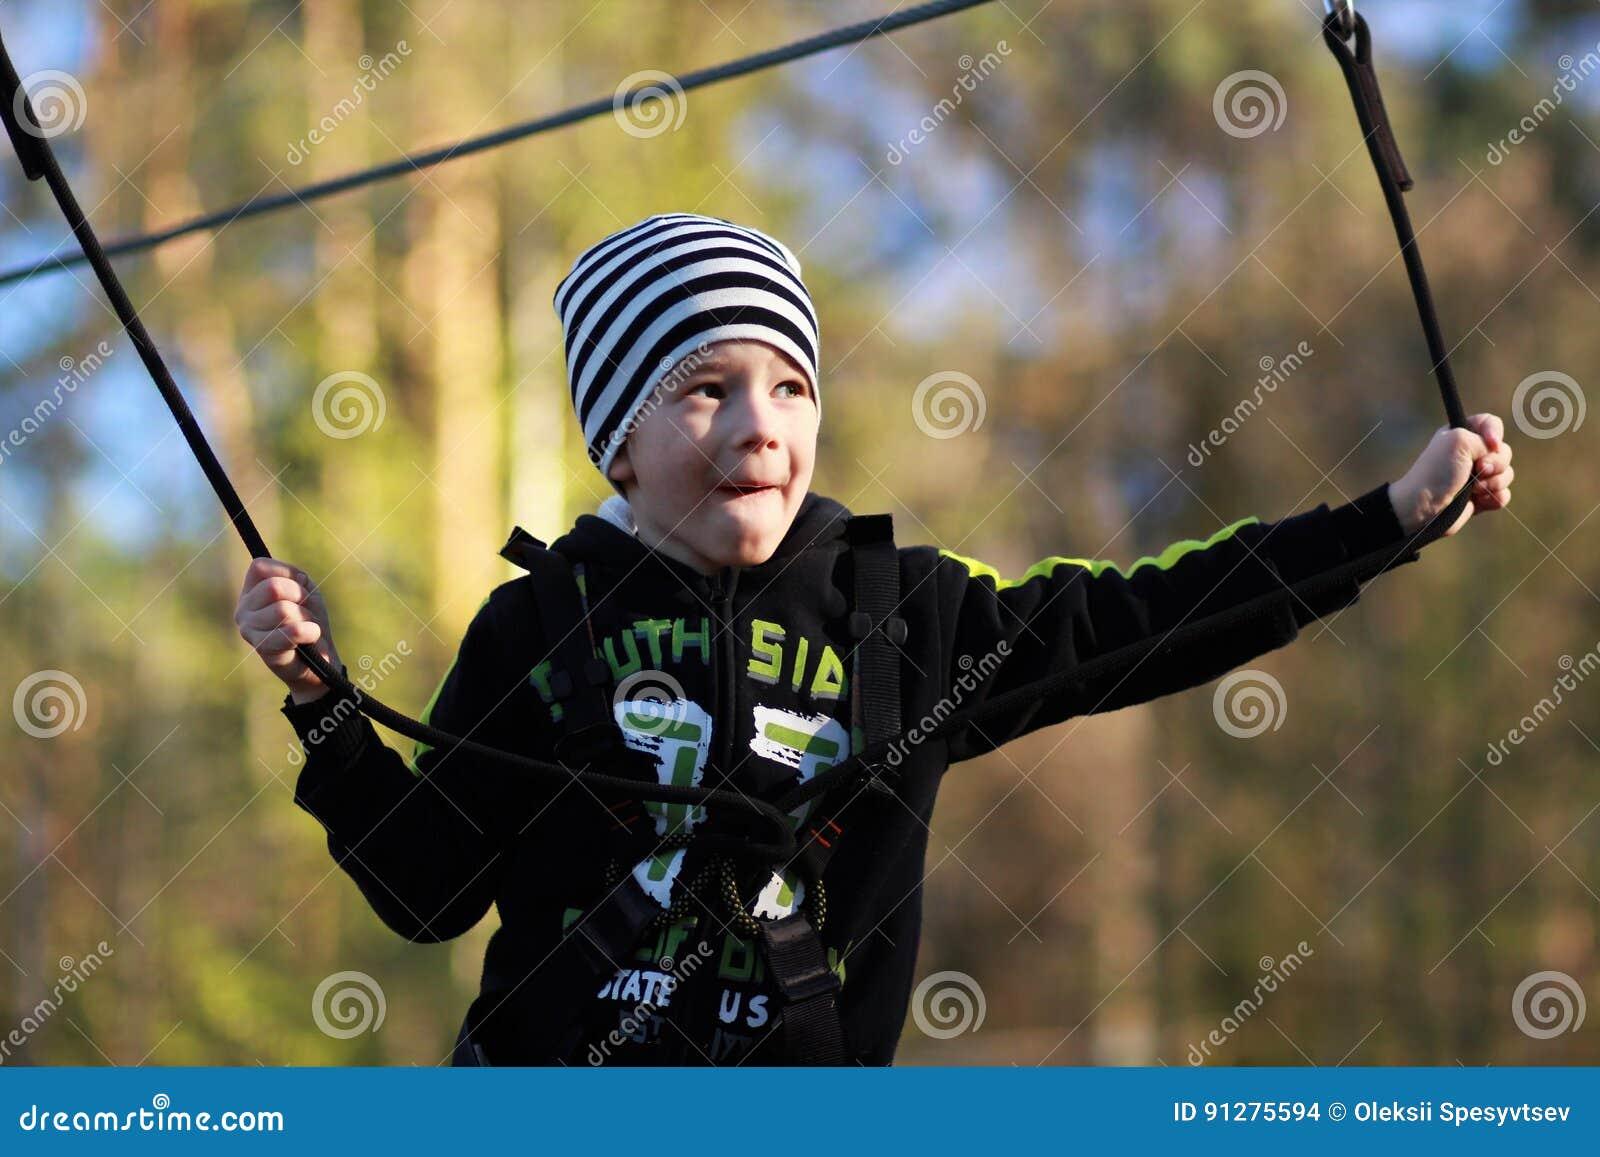 Stående av en pojke som övervinner hinder